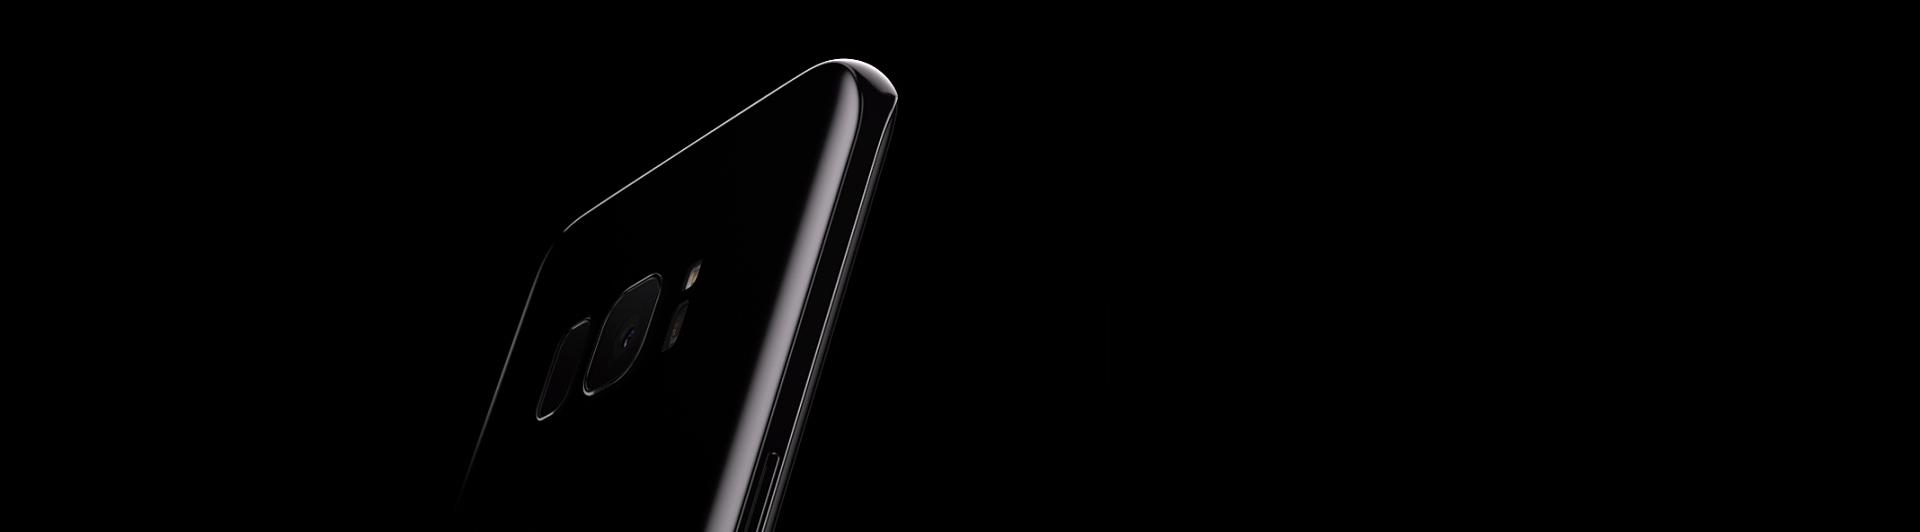 Điện thoại Samsung Galaxy S8 đen thiết kế đẹp mắt